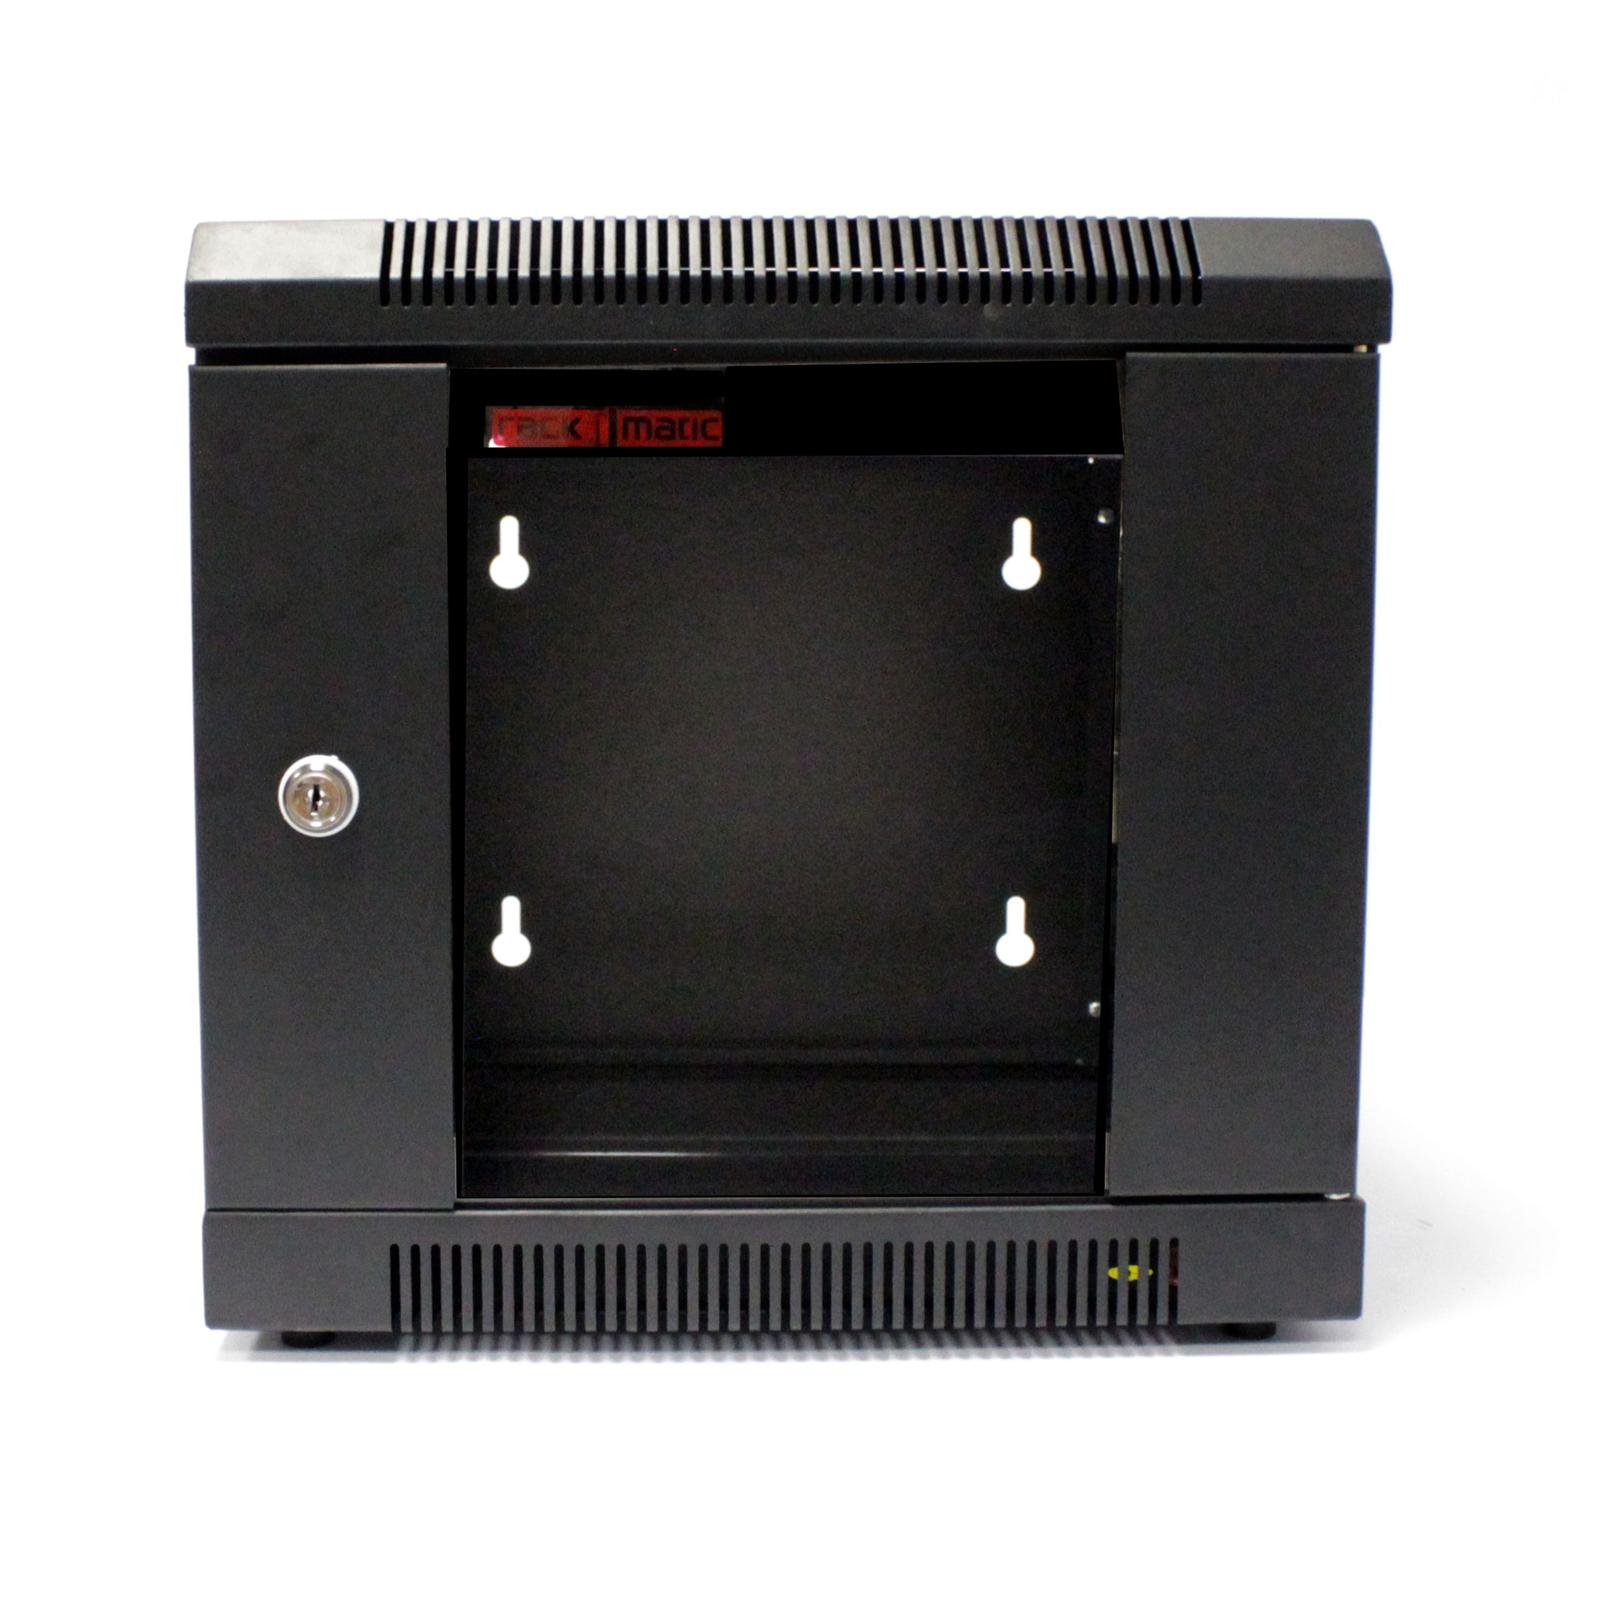 Armario Rack 10 6U 370x280x350mm TENRack de RackMatic Cablematic